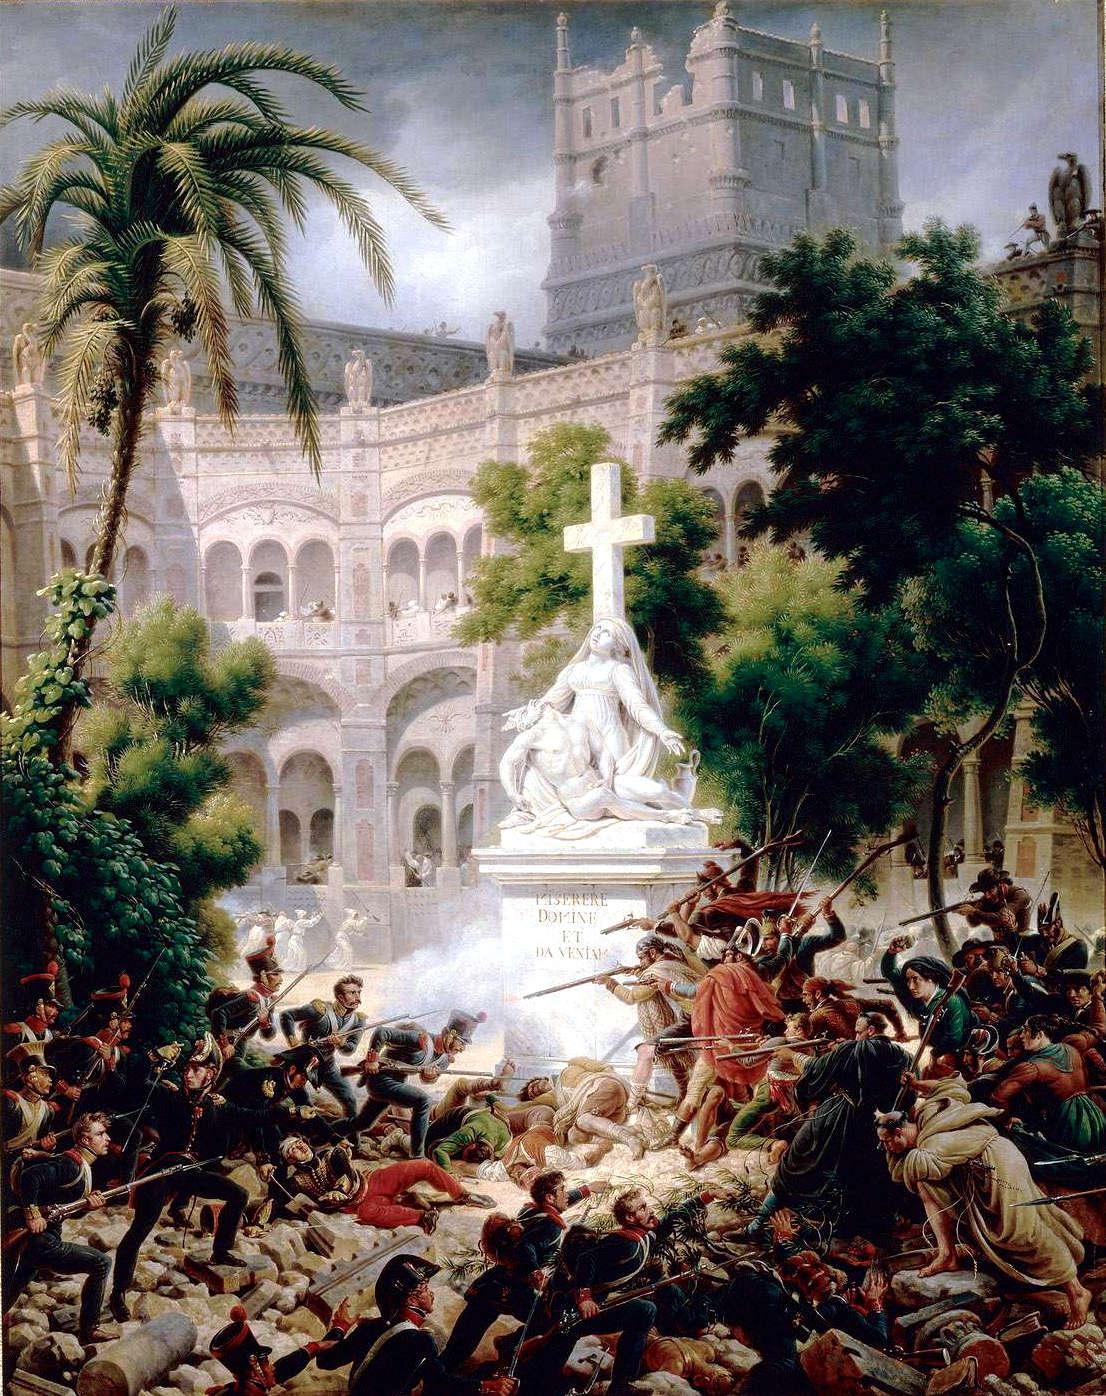 Sitios de zaragoza 1808 wikipedia la enciclopedia libre - Hotel las gaunas en logrono ...